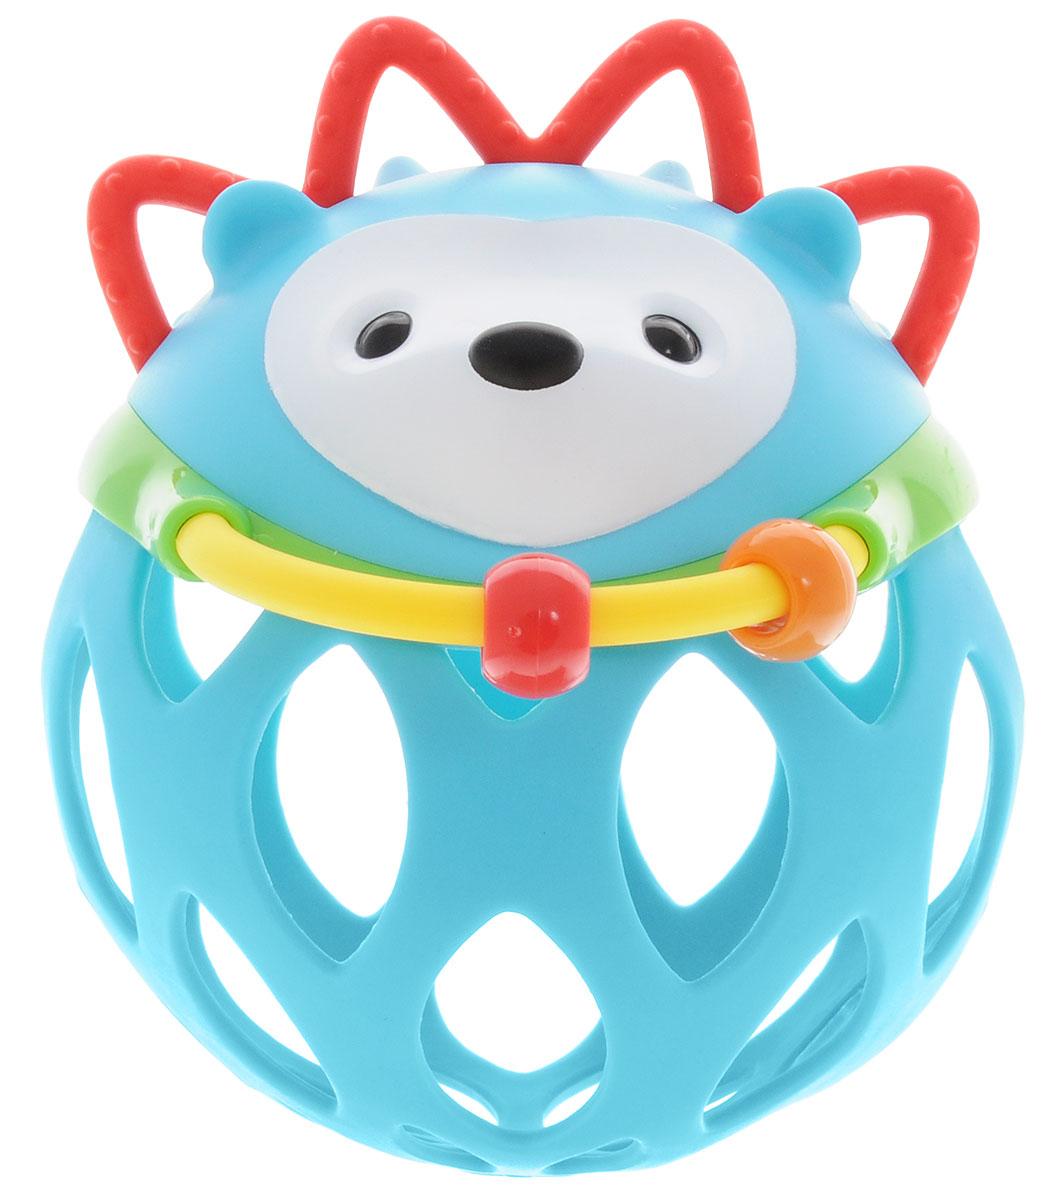 Skip Hop Развивающая игрушка-погремушка Шар-ежикSH 303101Развивающая игрушка-погремушка Skip Hop Шар-ежик обязательно понравится вашему малышу! Голова ежика содержит погремушку и прорезыватель. Перед мордочкой ежа расположено пластиковое полукольцо, по которому свободно перемещаются две пластиковые бусинки. Тело ежика выполнено в виде мягкого шара со специальными отверстиями. Такую игрушку можно катать, трясти, подбрасывать, мять в ручках. Игрушка поможет развить ловкость и моторику ручек, цветовое и слуховое восприятие, тактильную чувствительность. Игрушка не содержит бисфенол А, поливинилхлорид и фталаты.